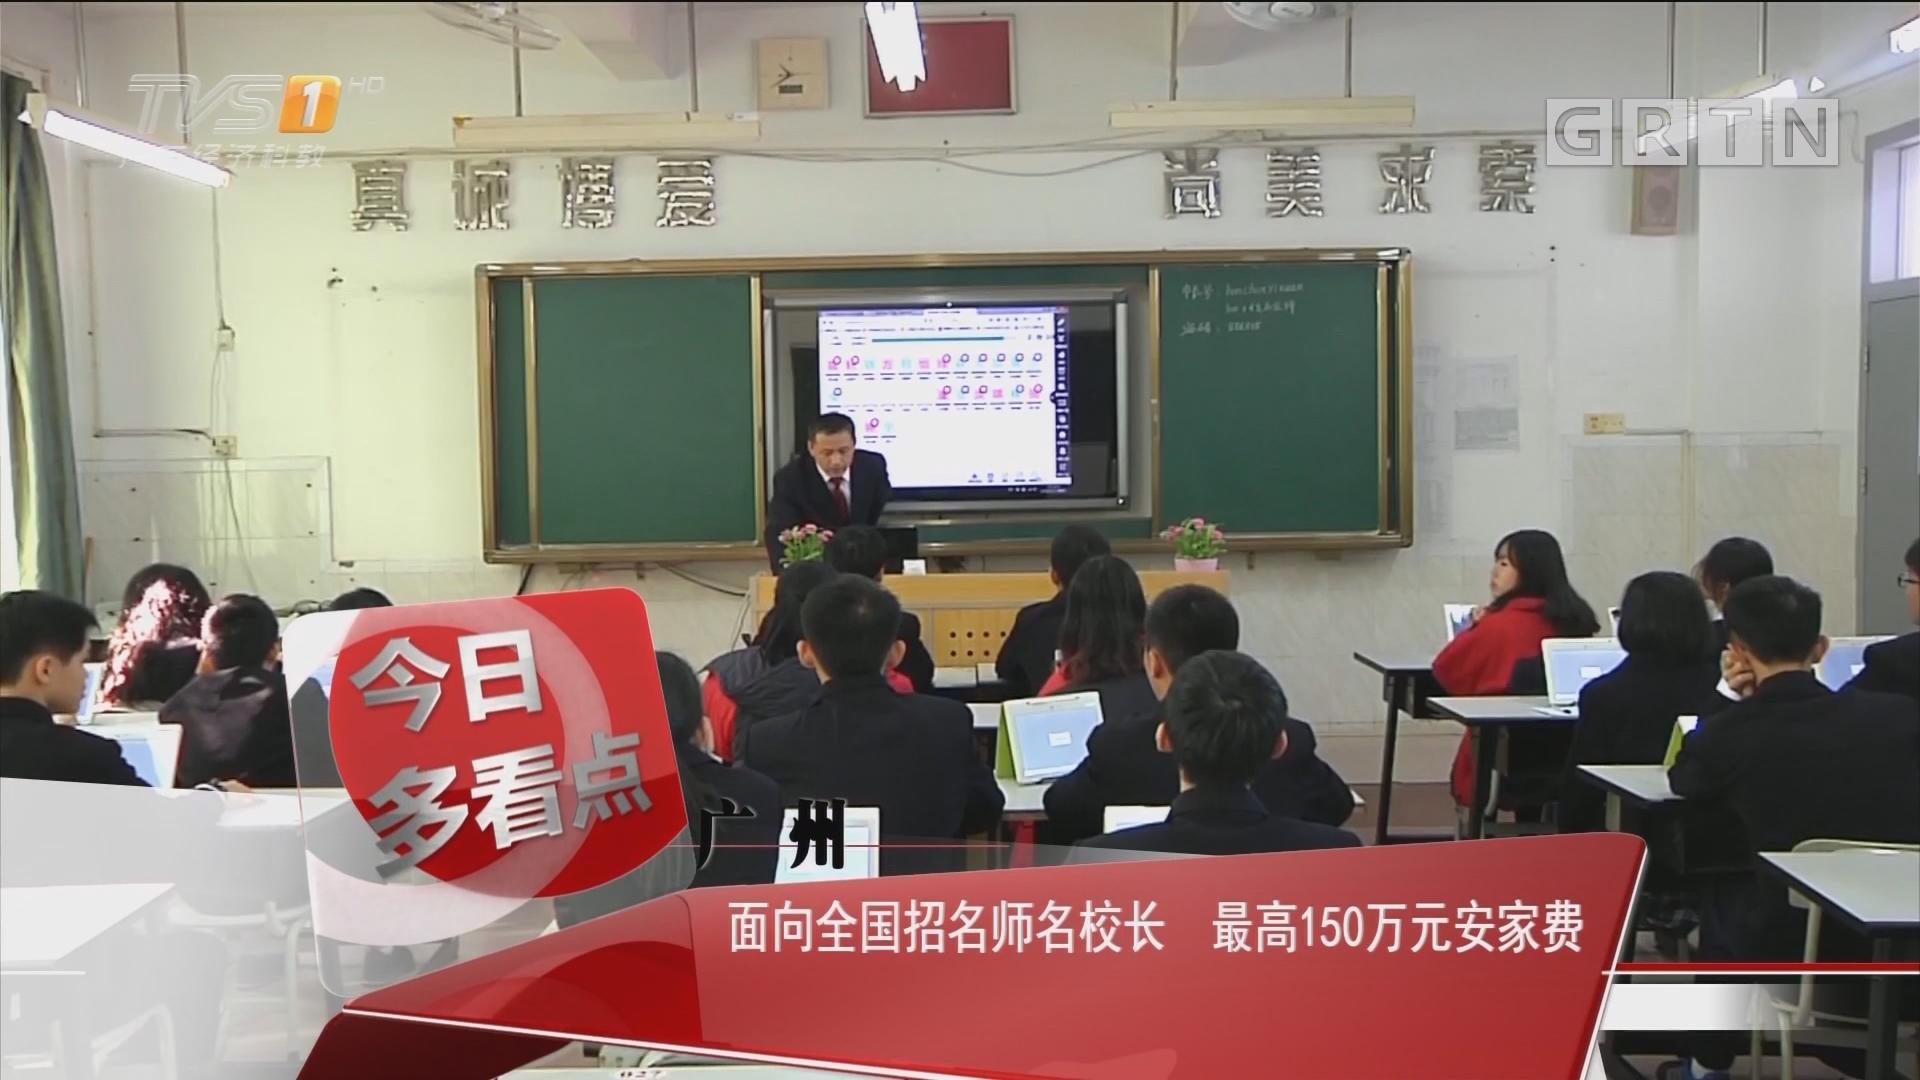 广州:面向全国招名师名校长 最高150万元安家费